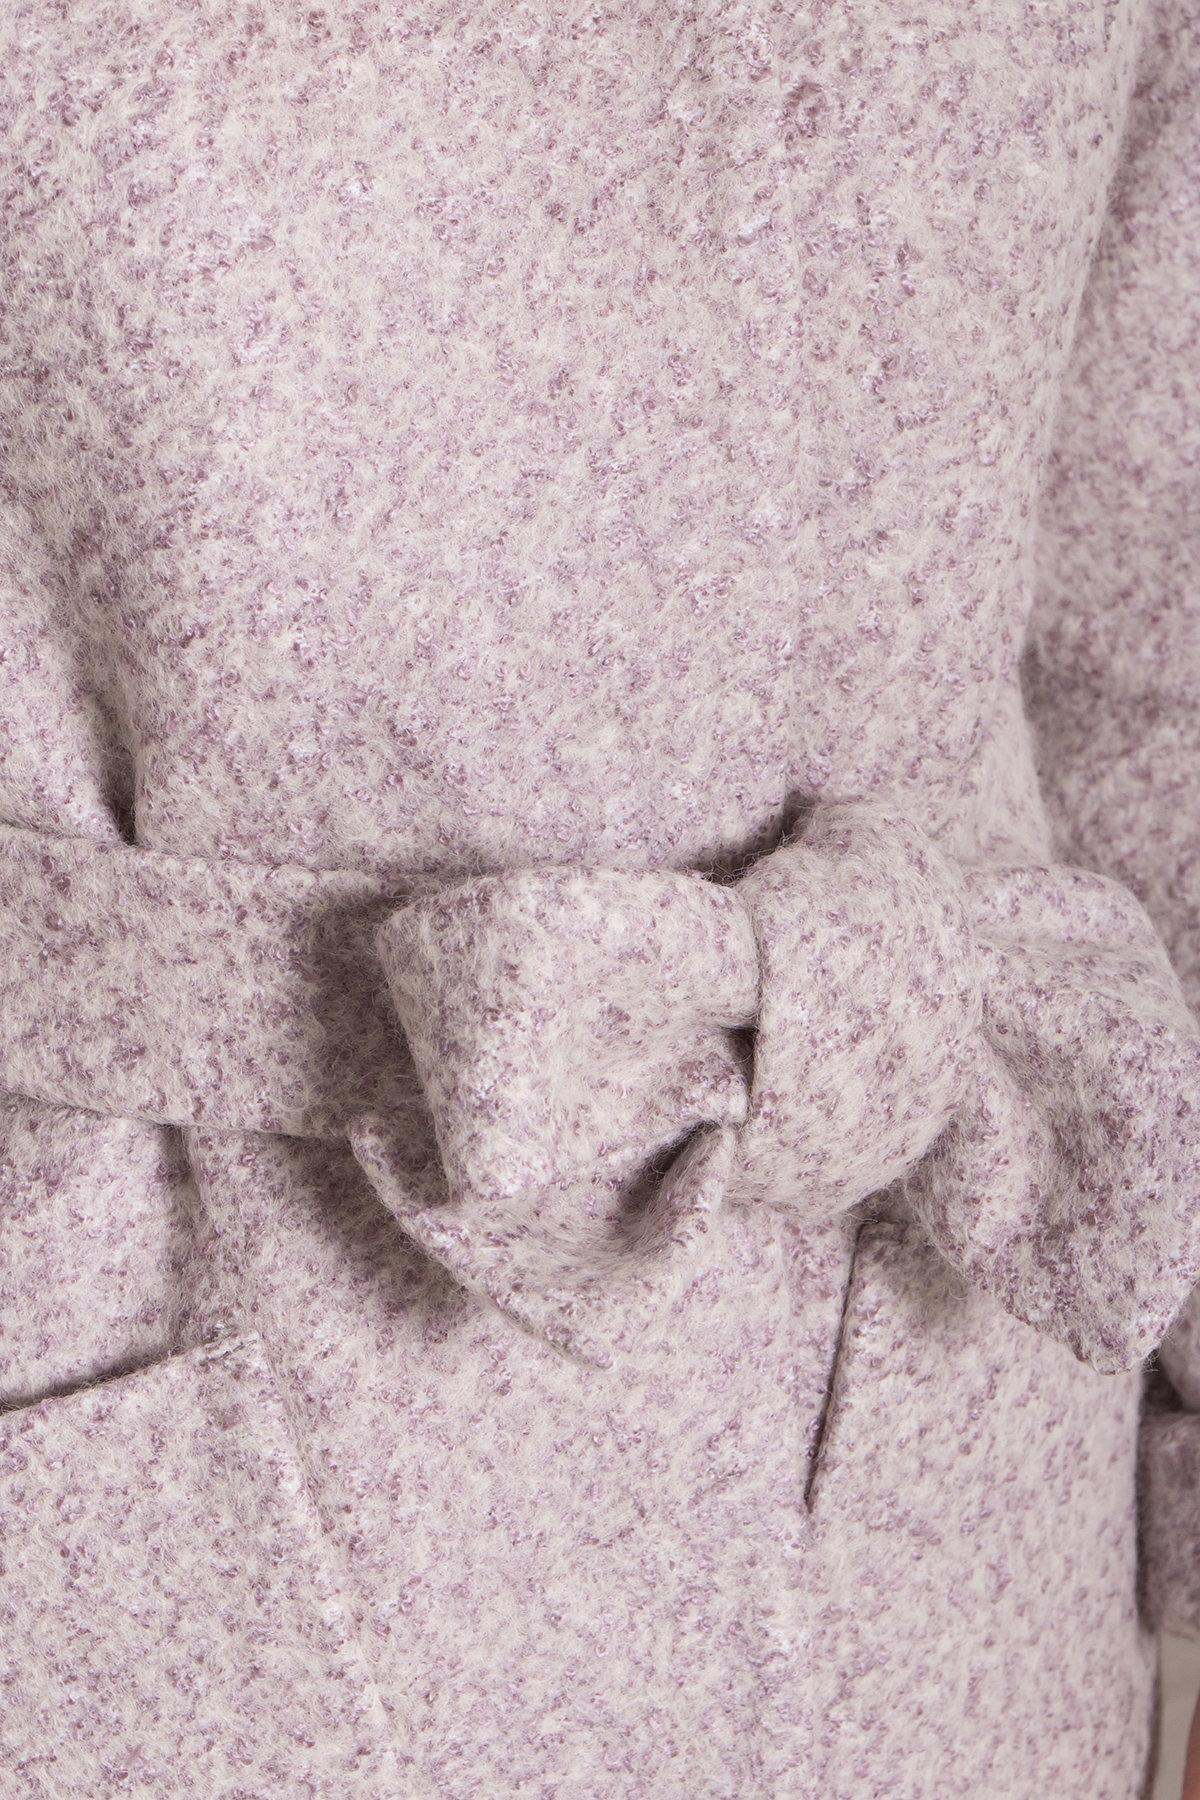 Пальто зима шерсть букле Анита 8320 АРТ. 44439 Цвет: Серый/бежевый 24 - фото 16, интернет магазин tm-modus.ru